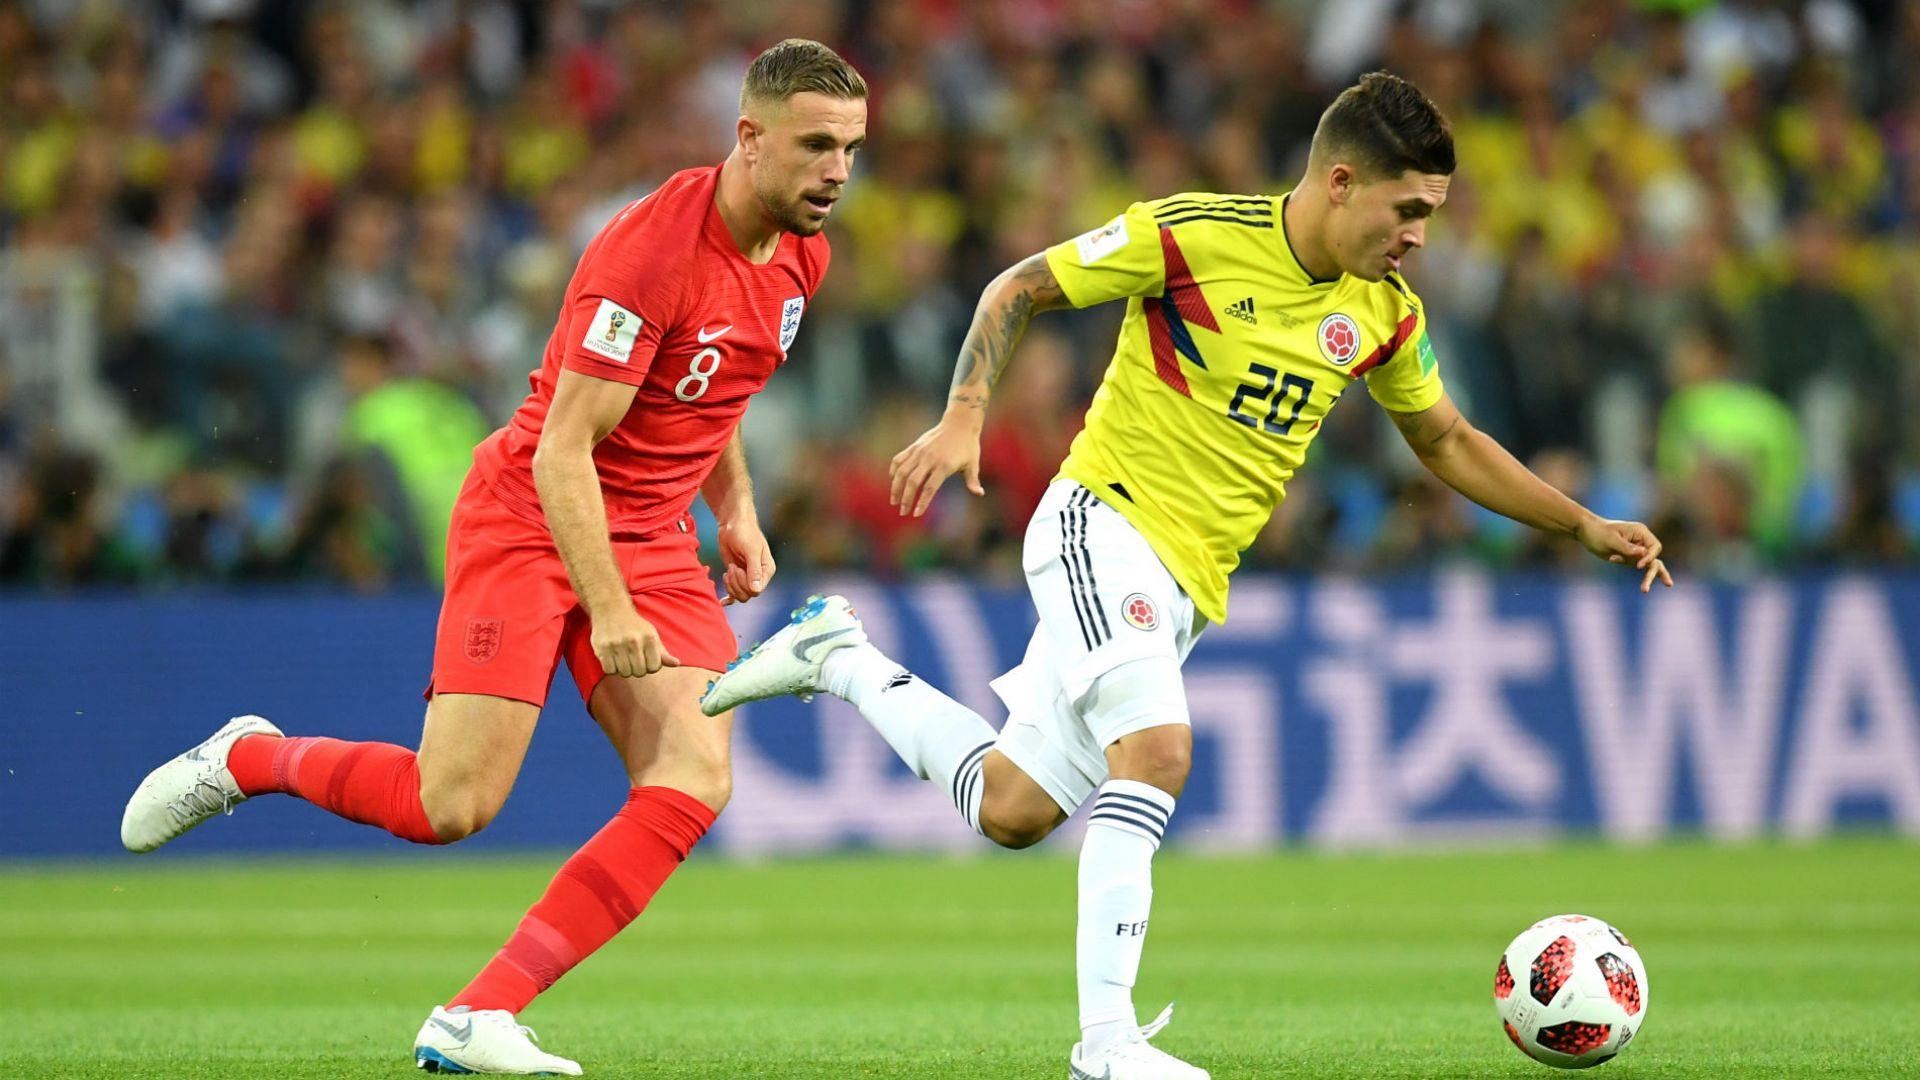 Колумбия - Англия 1:1 (3:4 след дузпи)